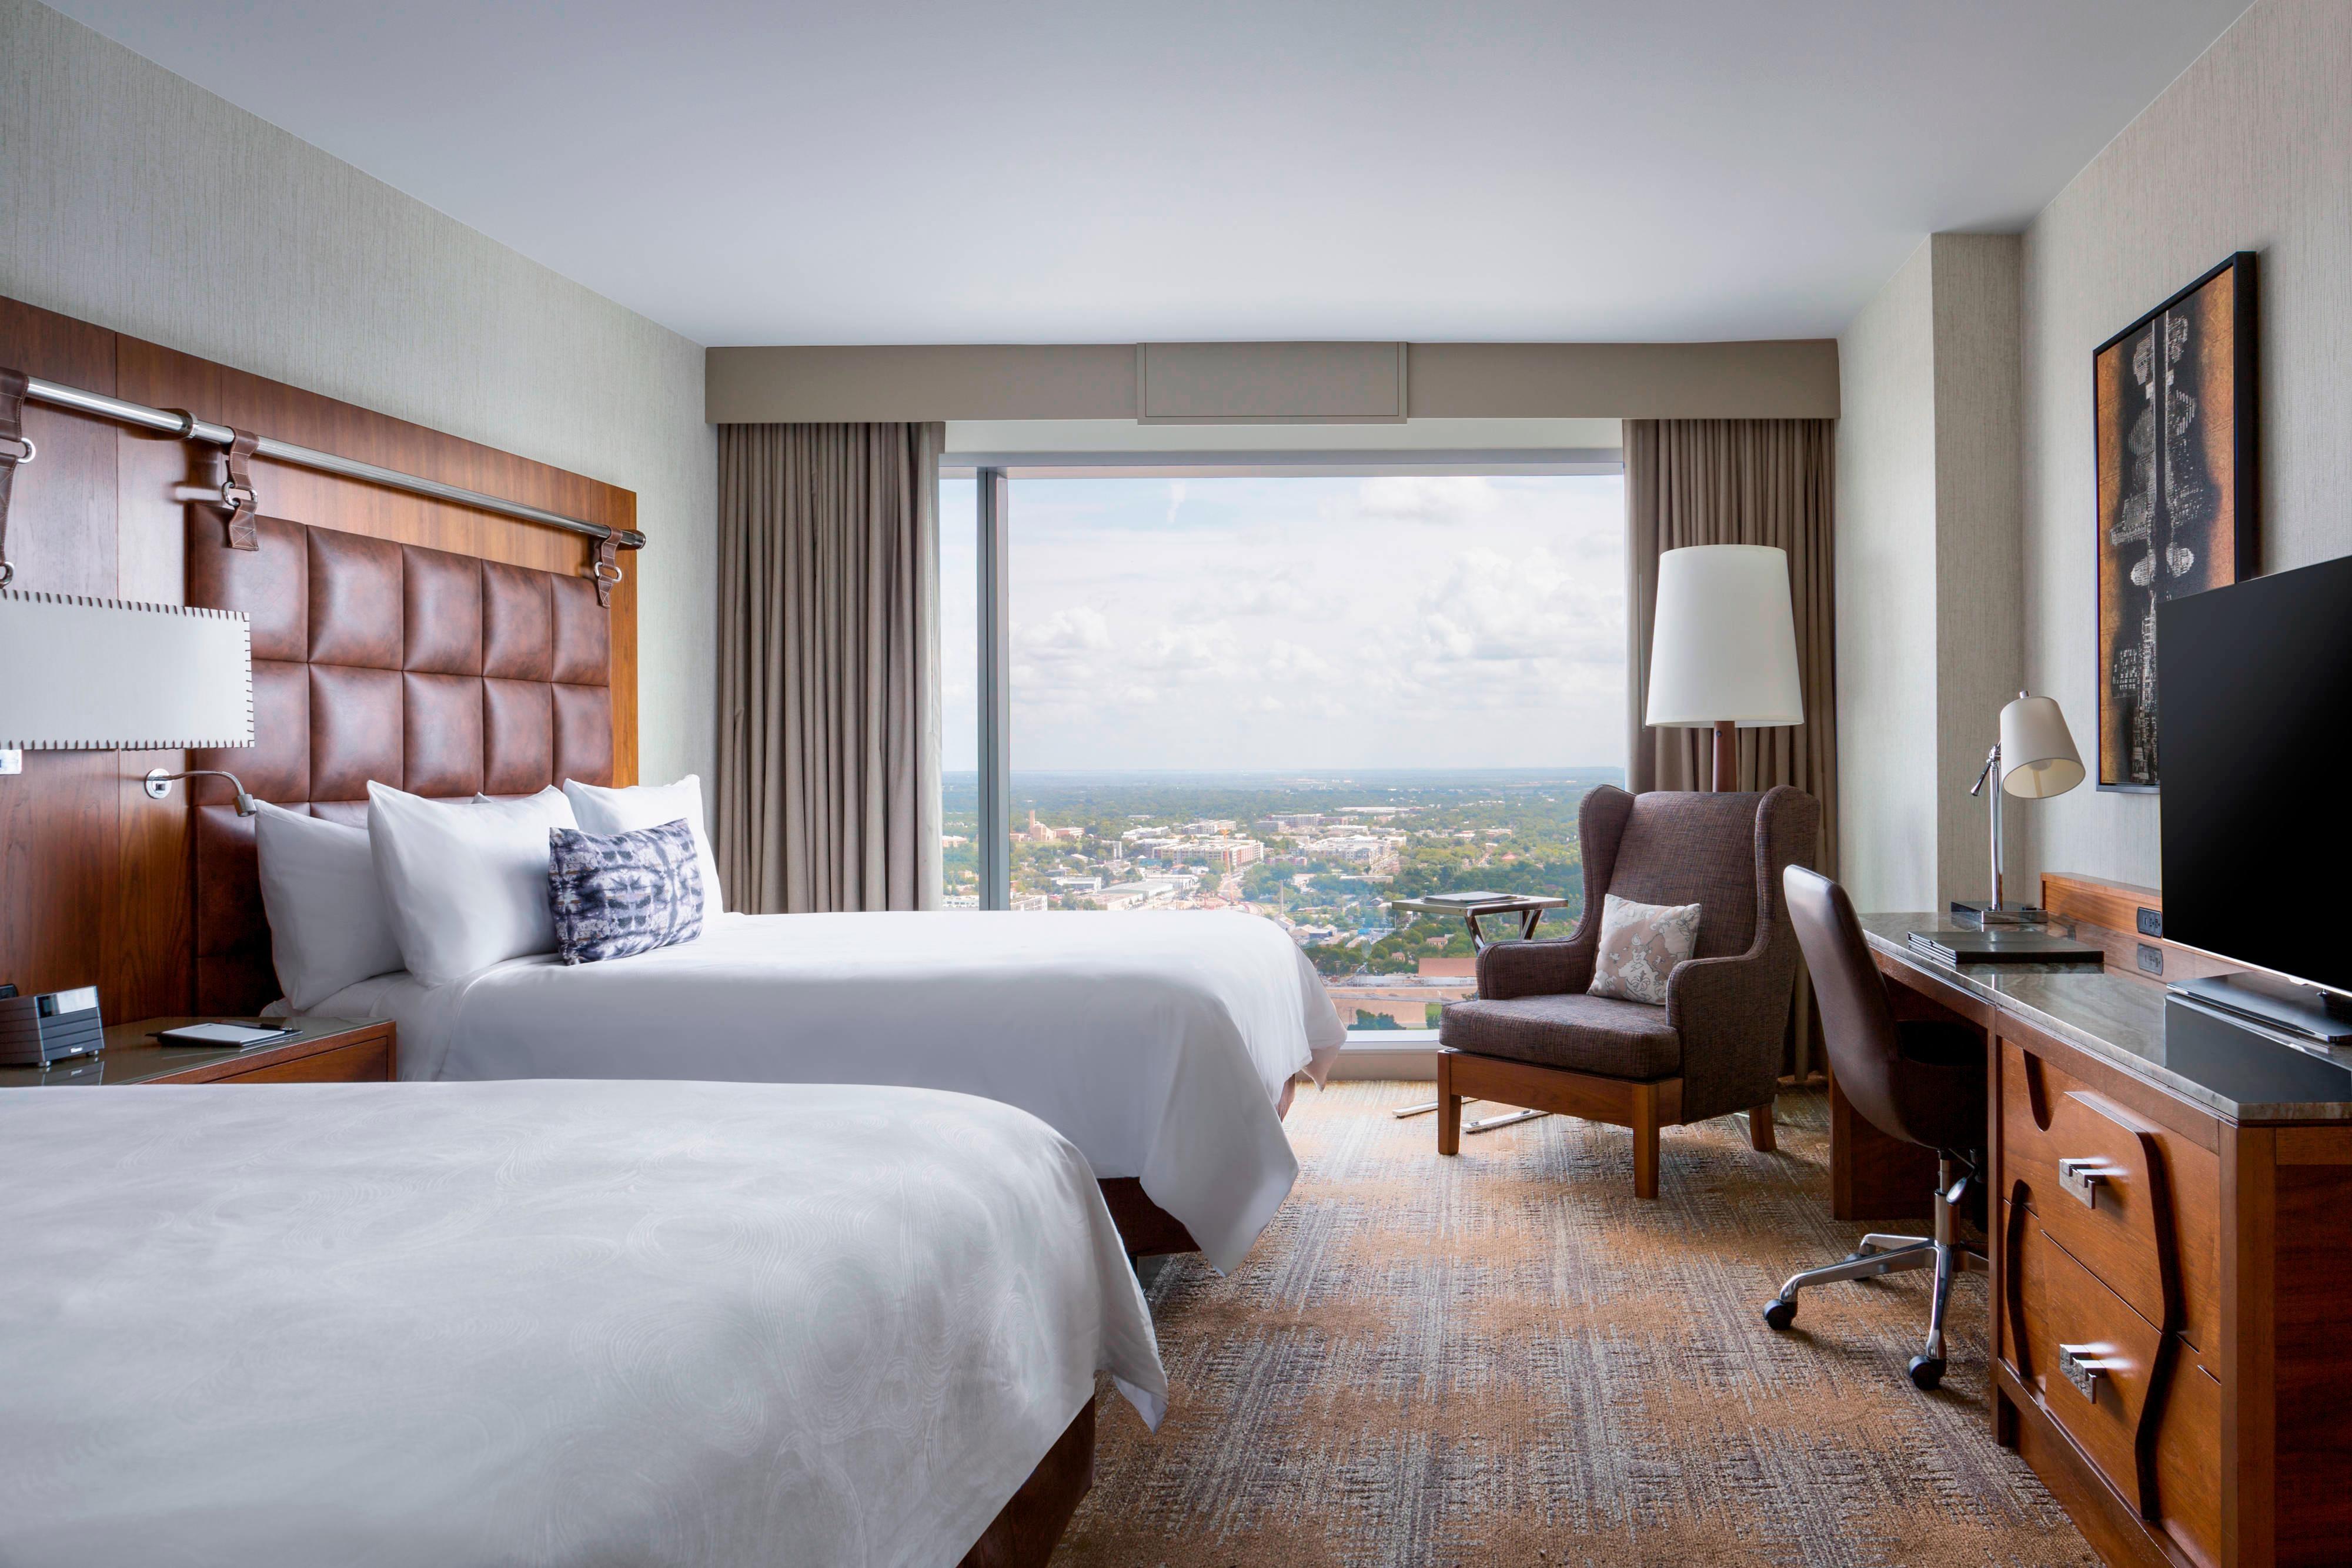 Queen/Queen Guest Room - Skyline View